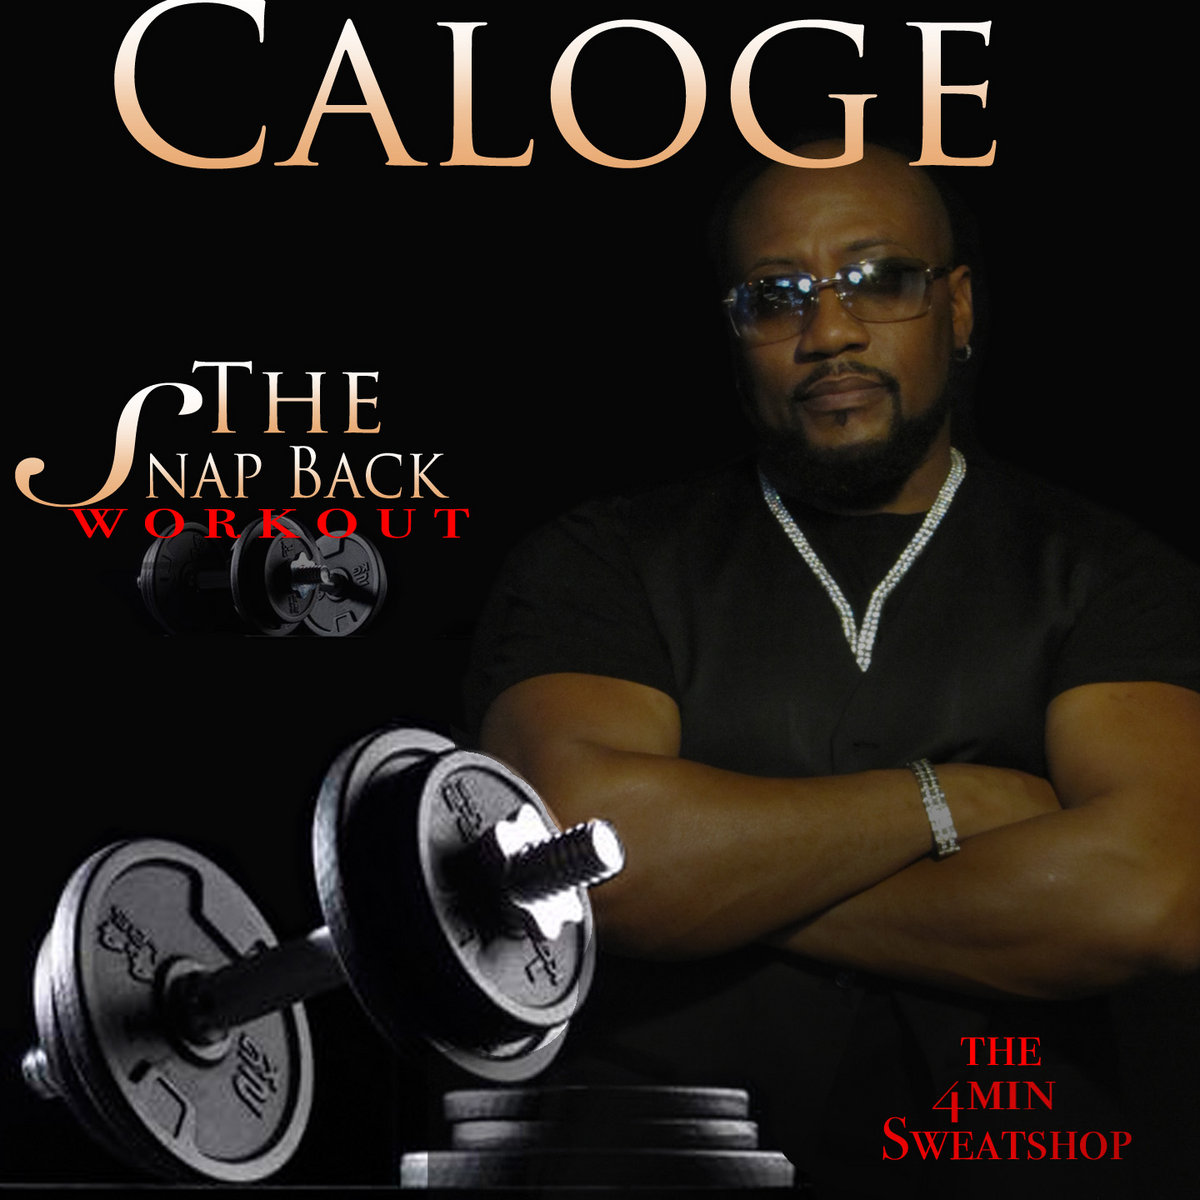 Snap Back - Caloge The Windshifter by Caloge & Tonya Ni